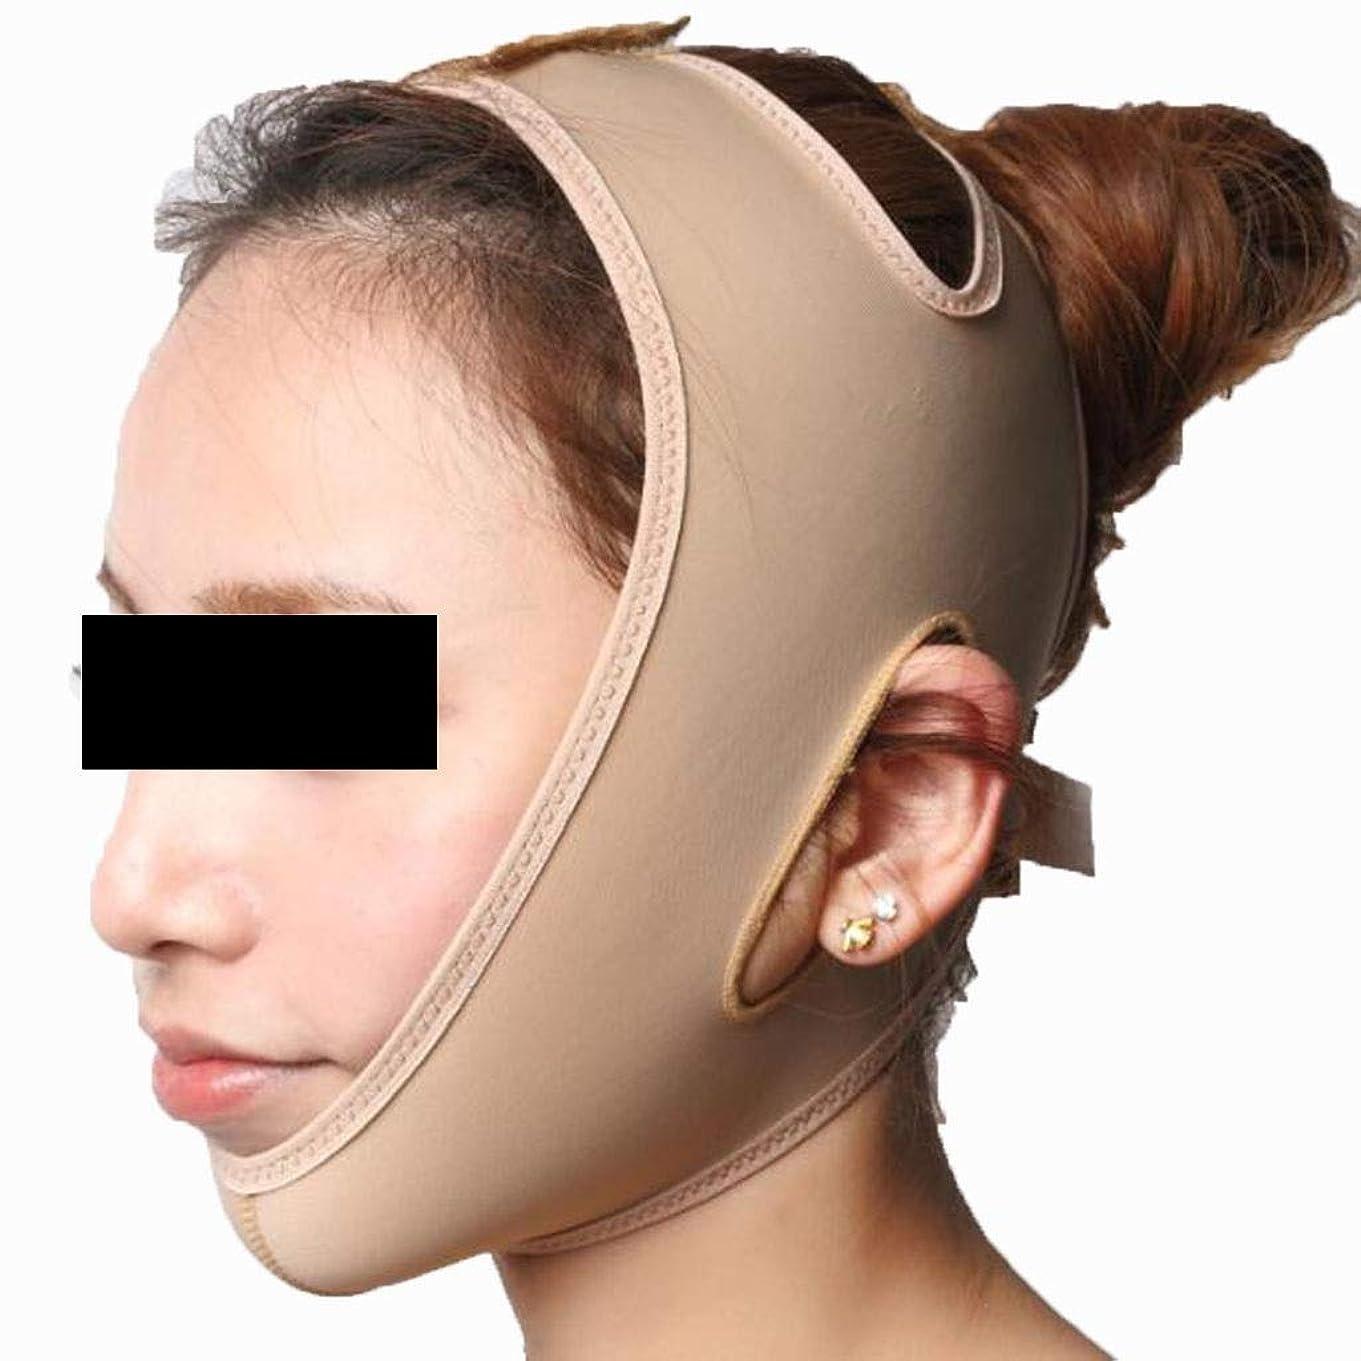 勇気のある笑い消毒剤薄い顔包帯フェイススリム二重あごを取り除くVラインの顔の形を作成するあごの頬リフトアップアンチリンクル